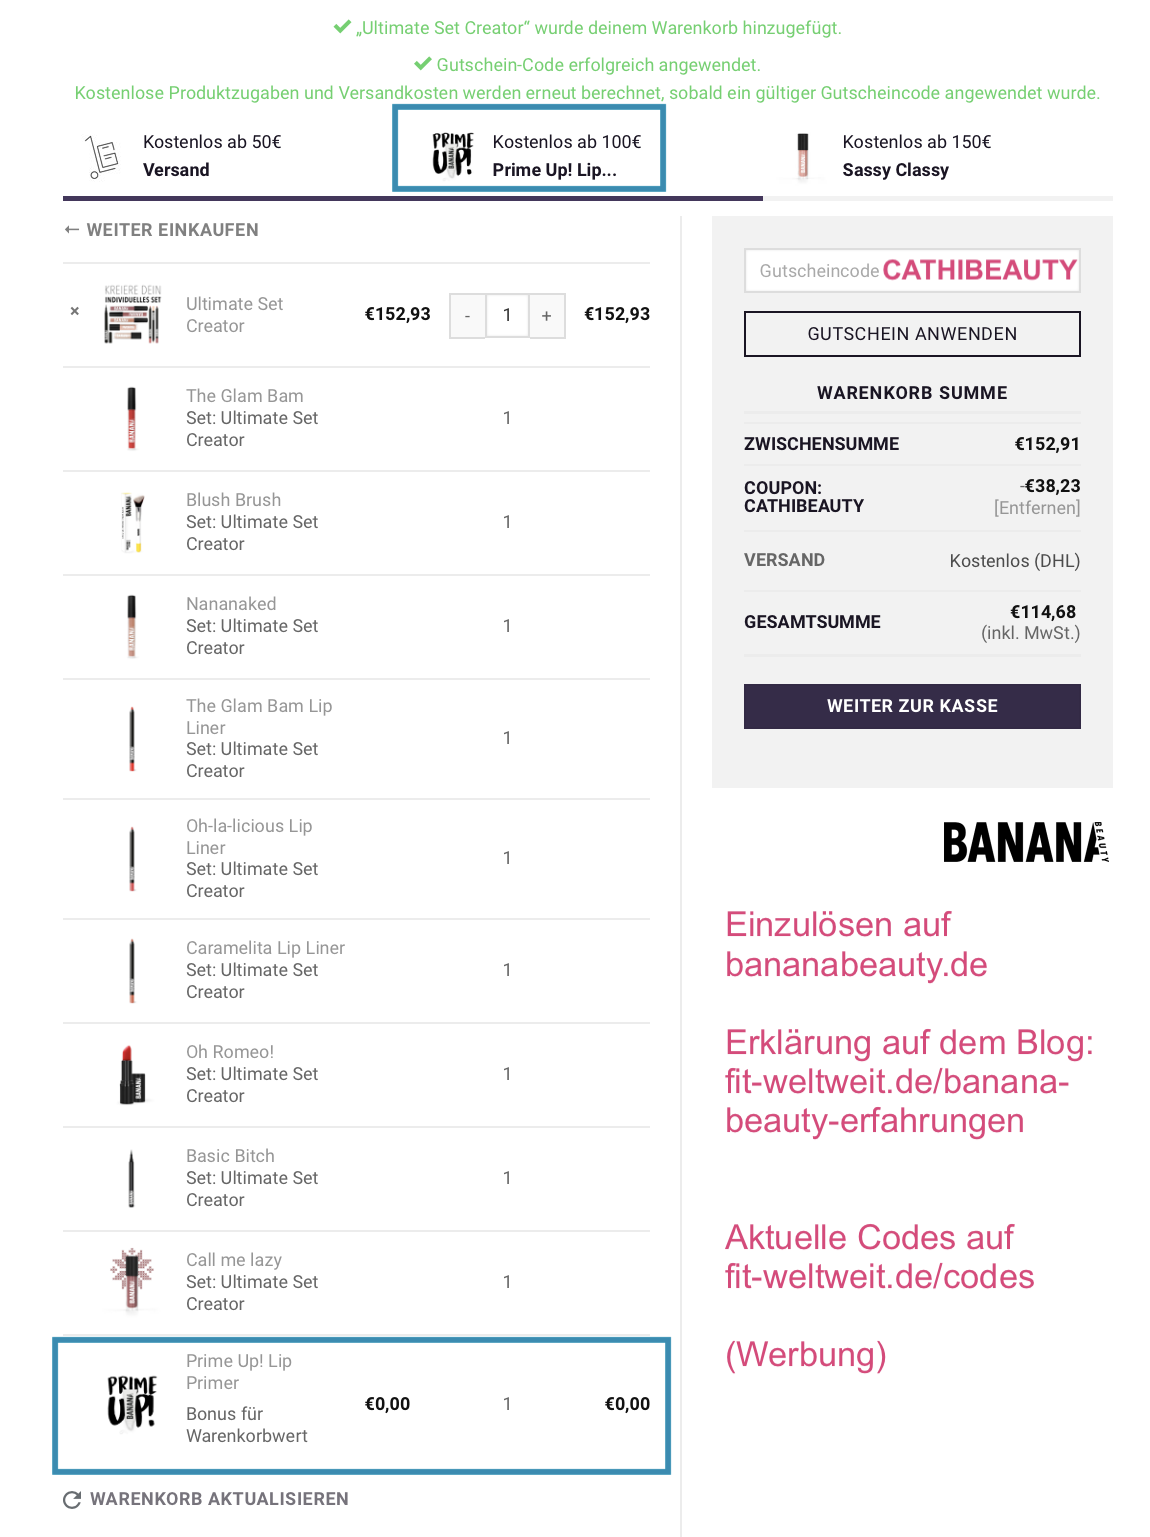 """BANANA BEAUTY CODE 2019 und Rabatt Gutscheincode für den veganen Liquid Lipsticks und Eyeshadow von Instagram (25% Rabatt mit """"fitweltweit"""") #vegan #Kosmetik #Lidschatten #Beauty #BananaBeauty #Lippenstift + gratis Lip Primer (Werbung)"""